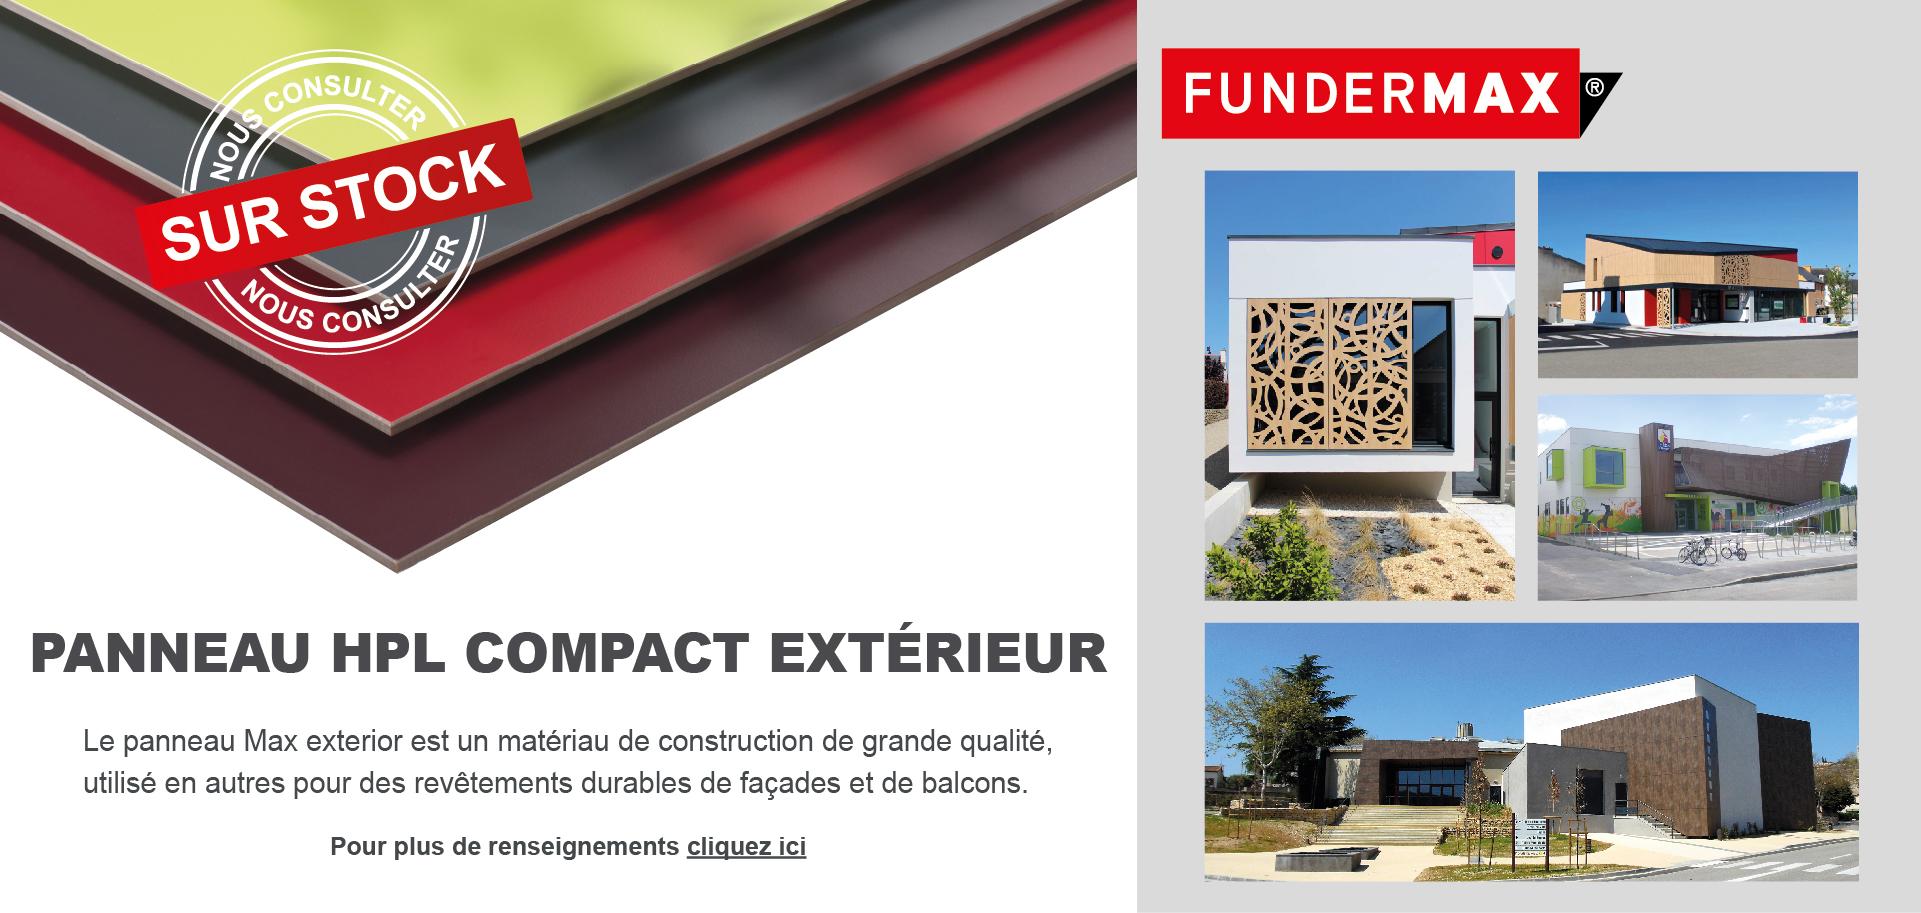 Panneau HPL compact extérieur - Doineau